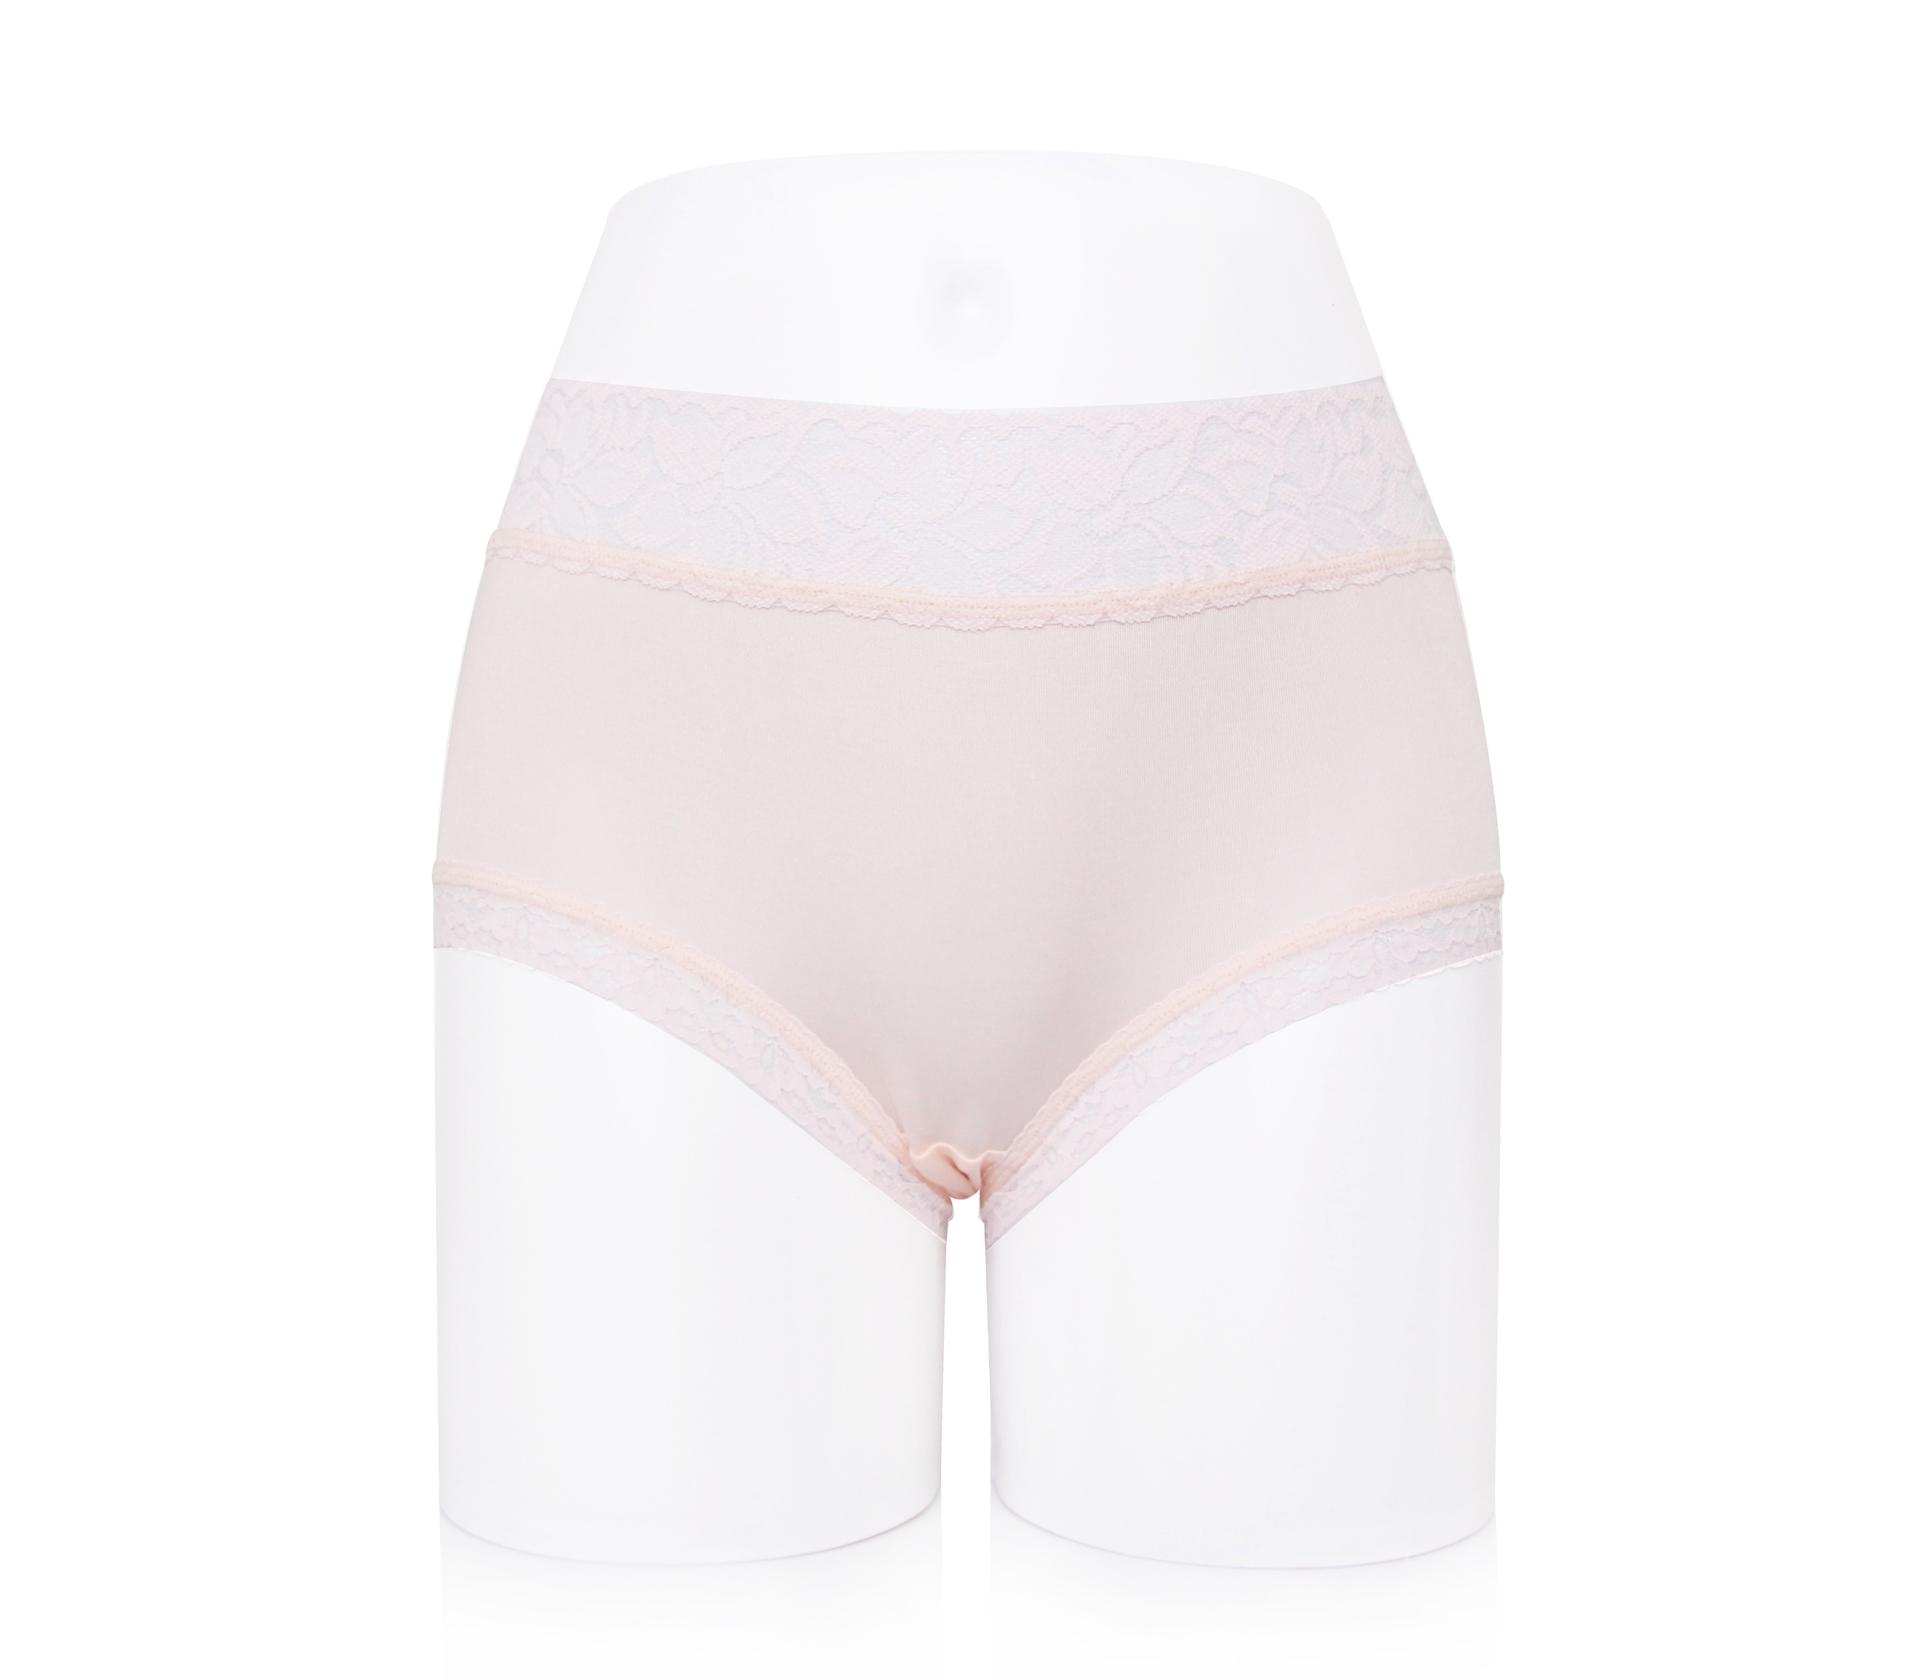 闕蘭絹氣質花瓣蕾絲100%蠶絲內褲-8834 (淺粉)